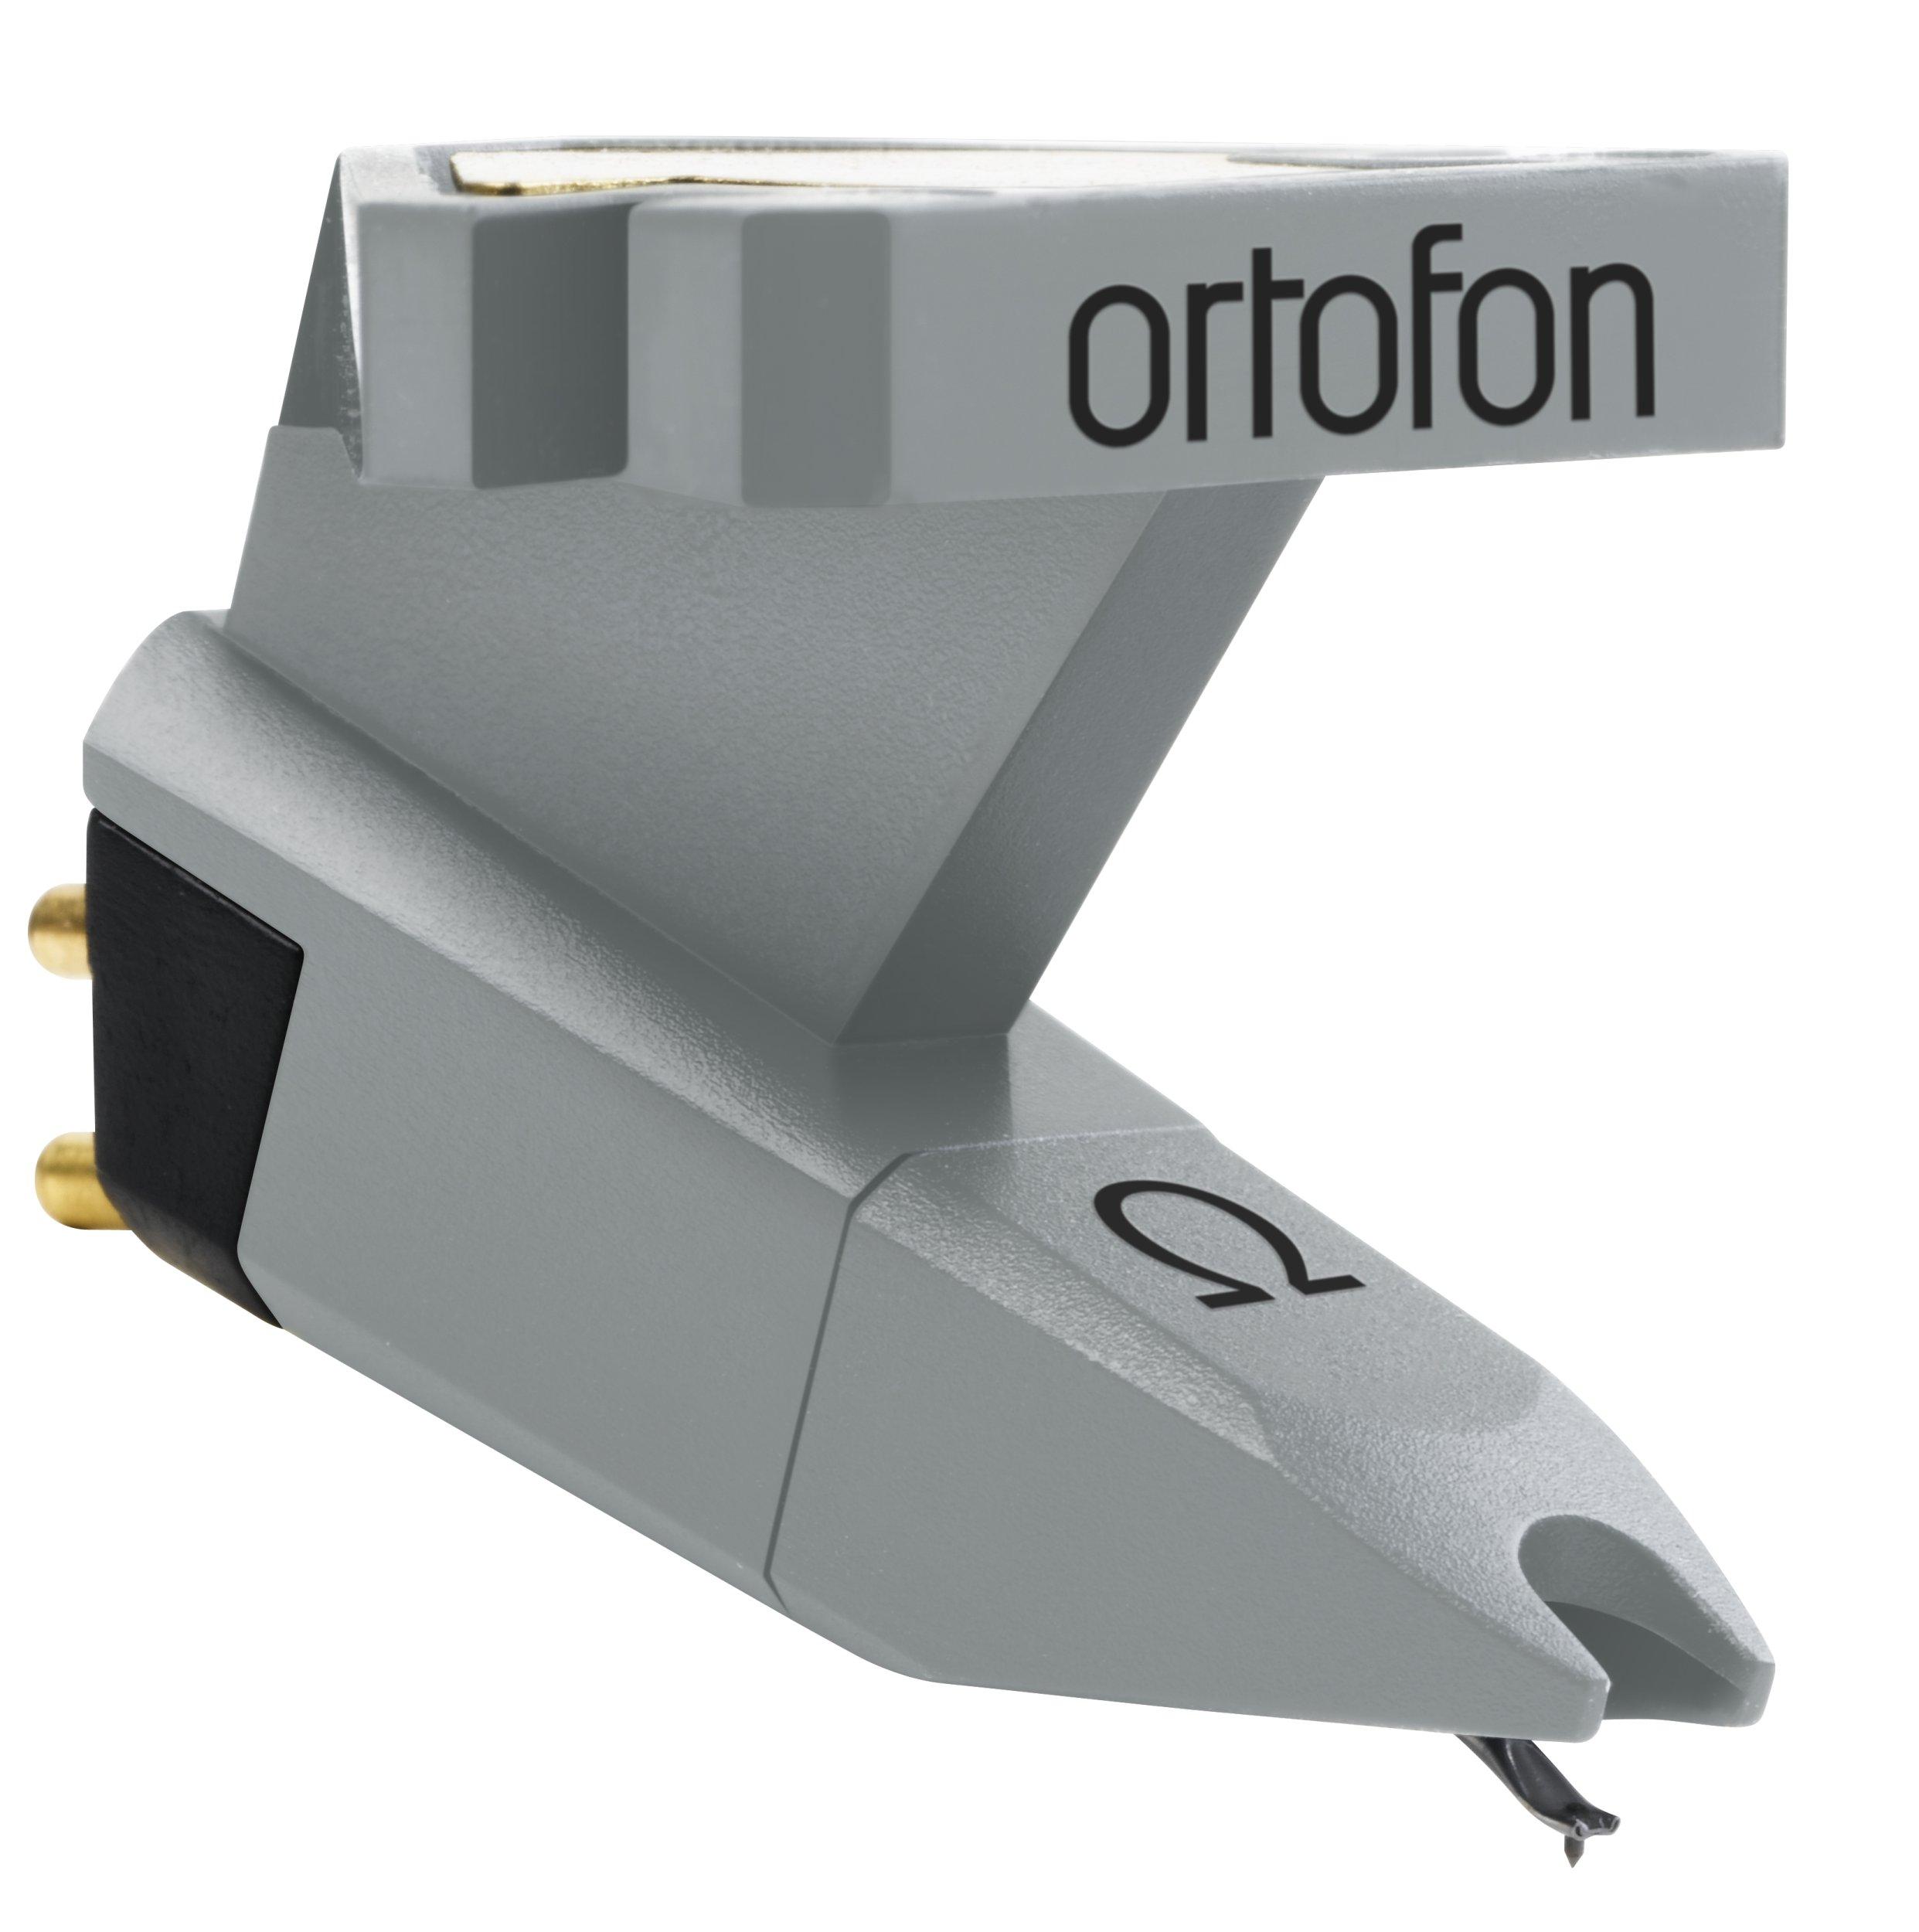 Capsula Ortofon Omega